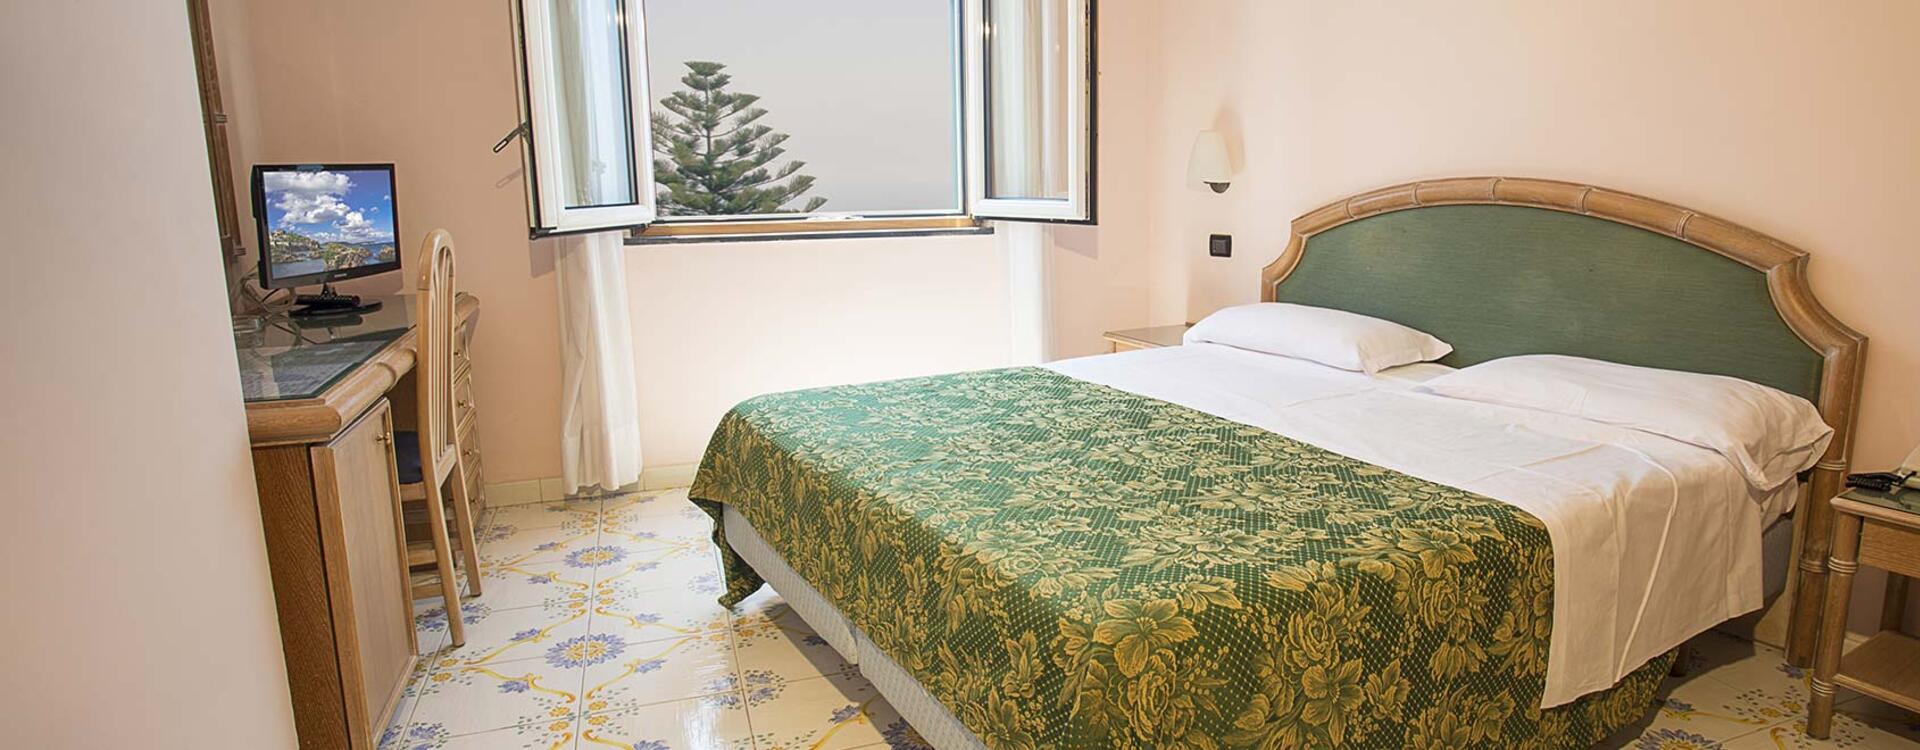 hotelsaintraphaelischia de zimmer-hotel-ischia 010